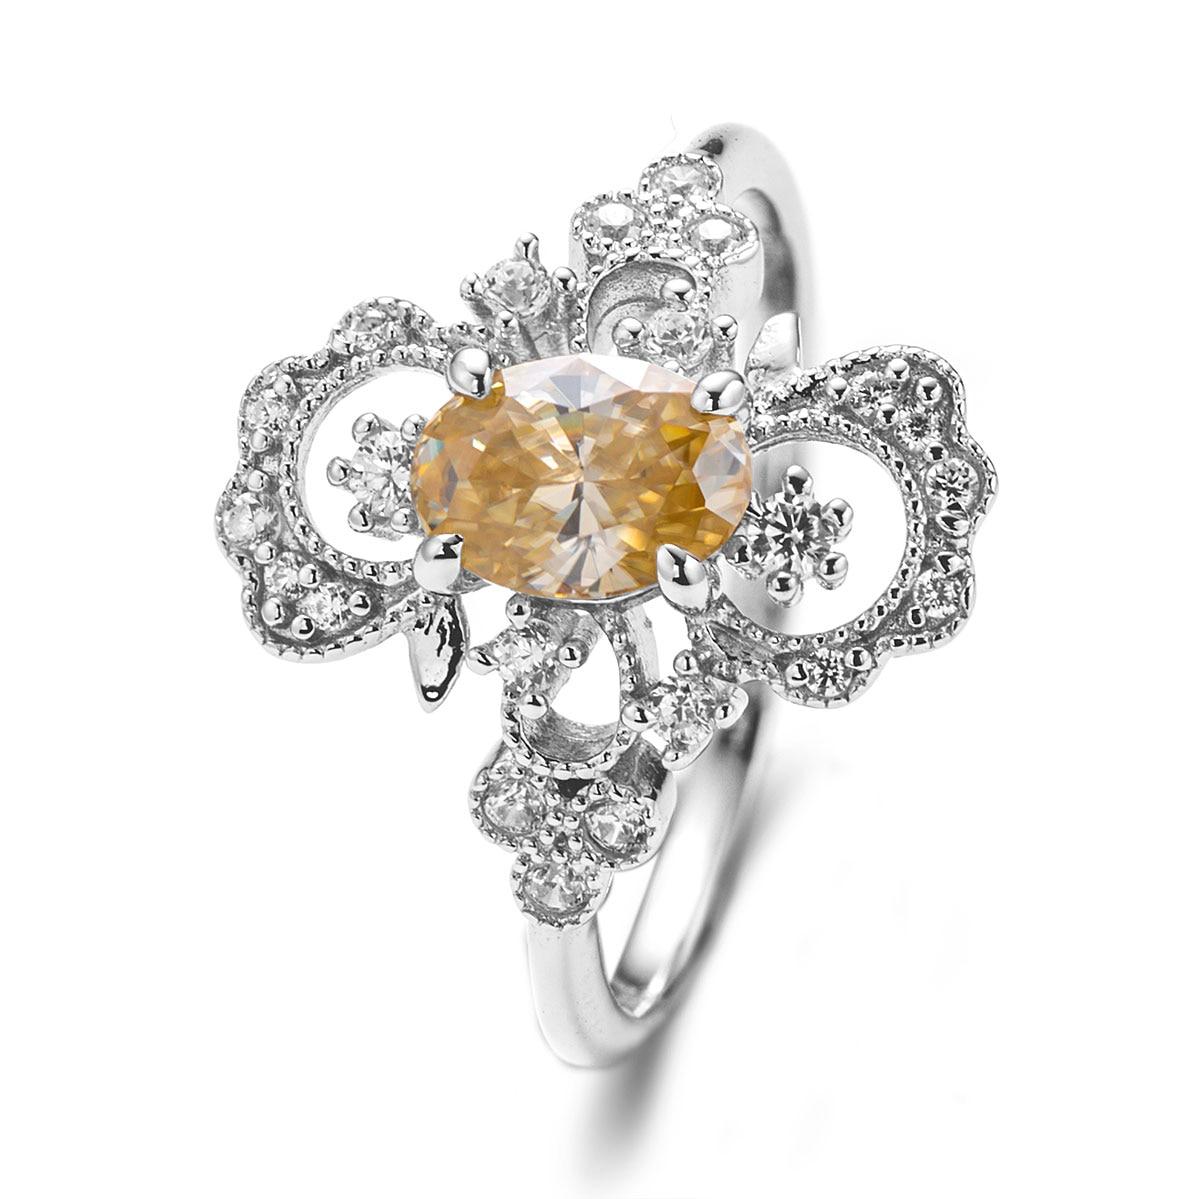 2021 925 خاتم زفاف شامبانيا ذهبي أبيض D VVS1 قبول خاتم مويسانيتي مخصص حسب الطلب مزود بمصنع خاتم نسائي